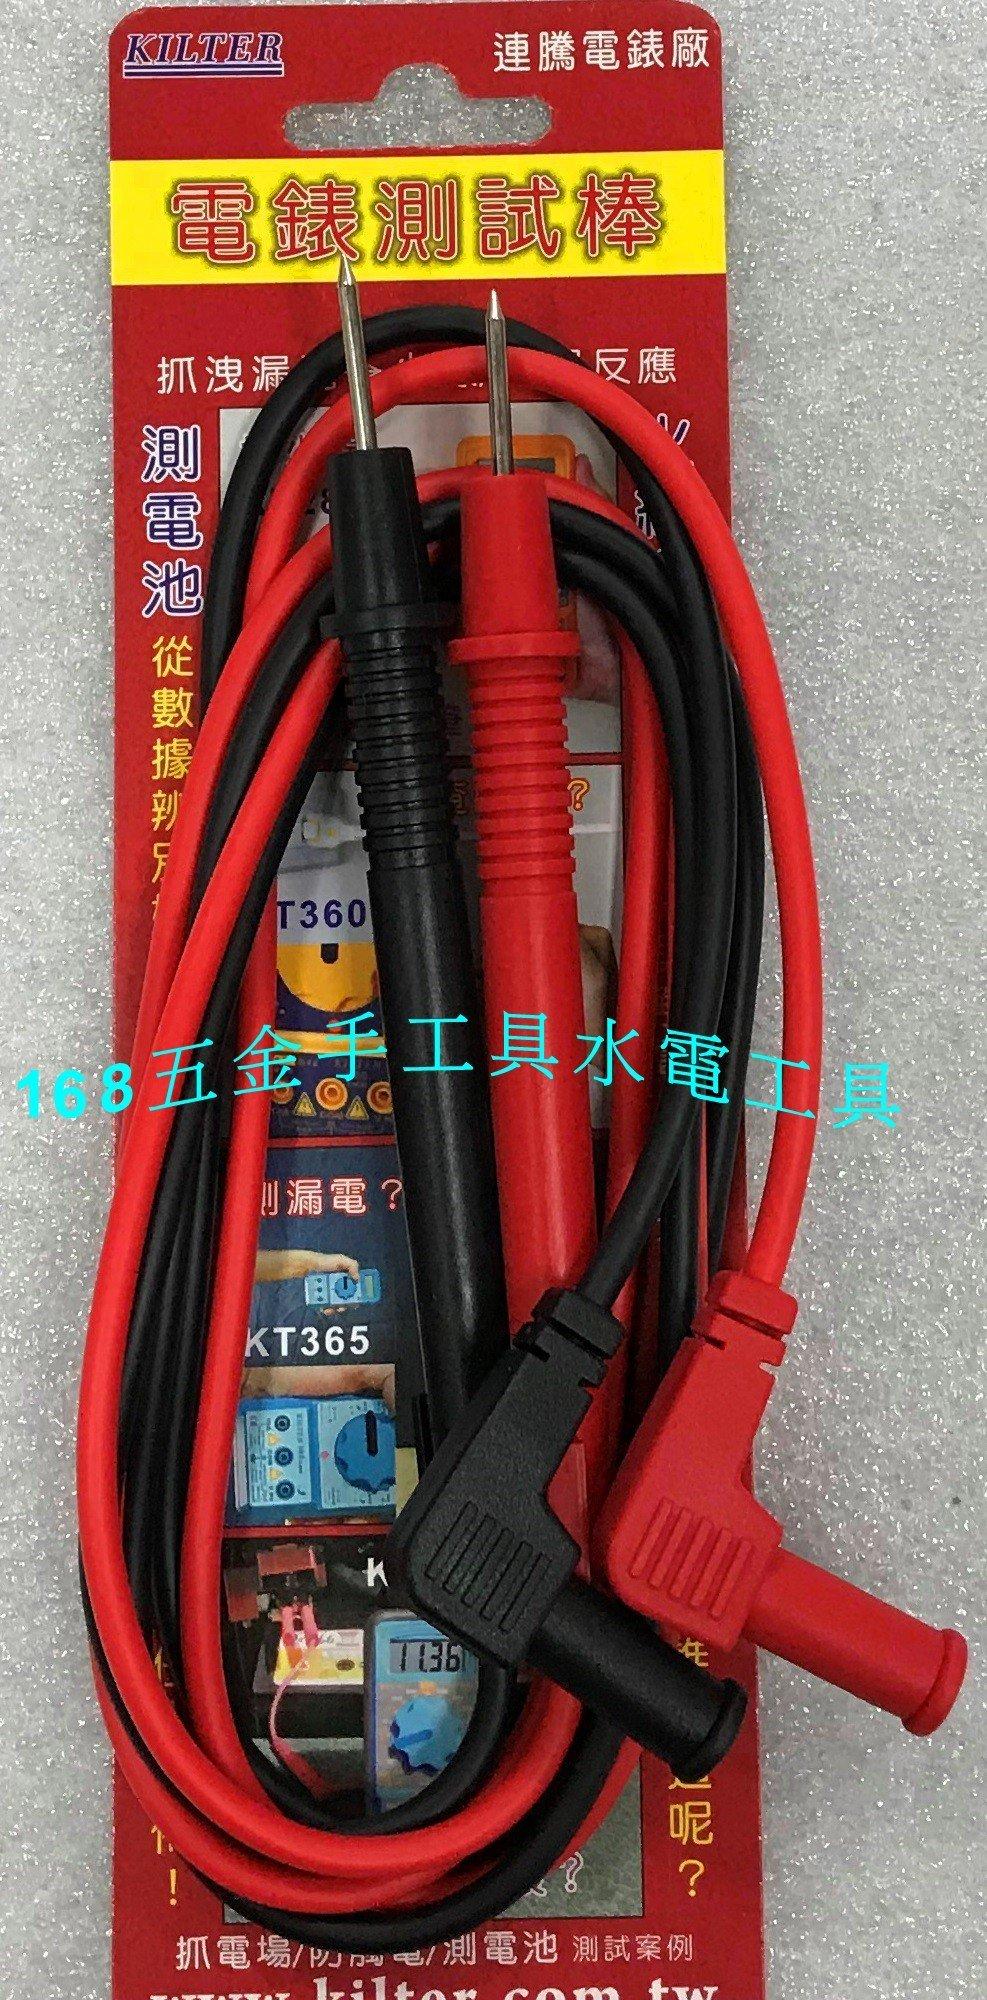 ~168 具~三用電錶測試線:連騰KT-010 長袖型 測試棒 電錶線 電子材料 製